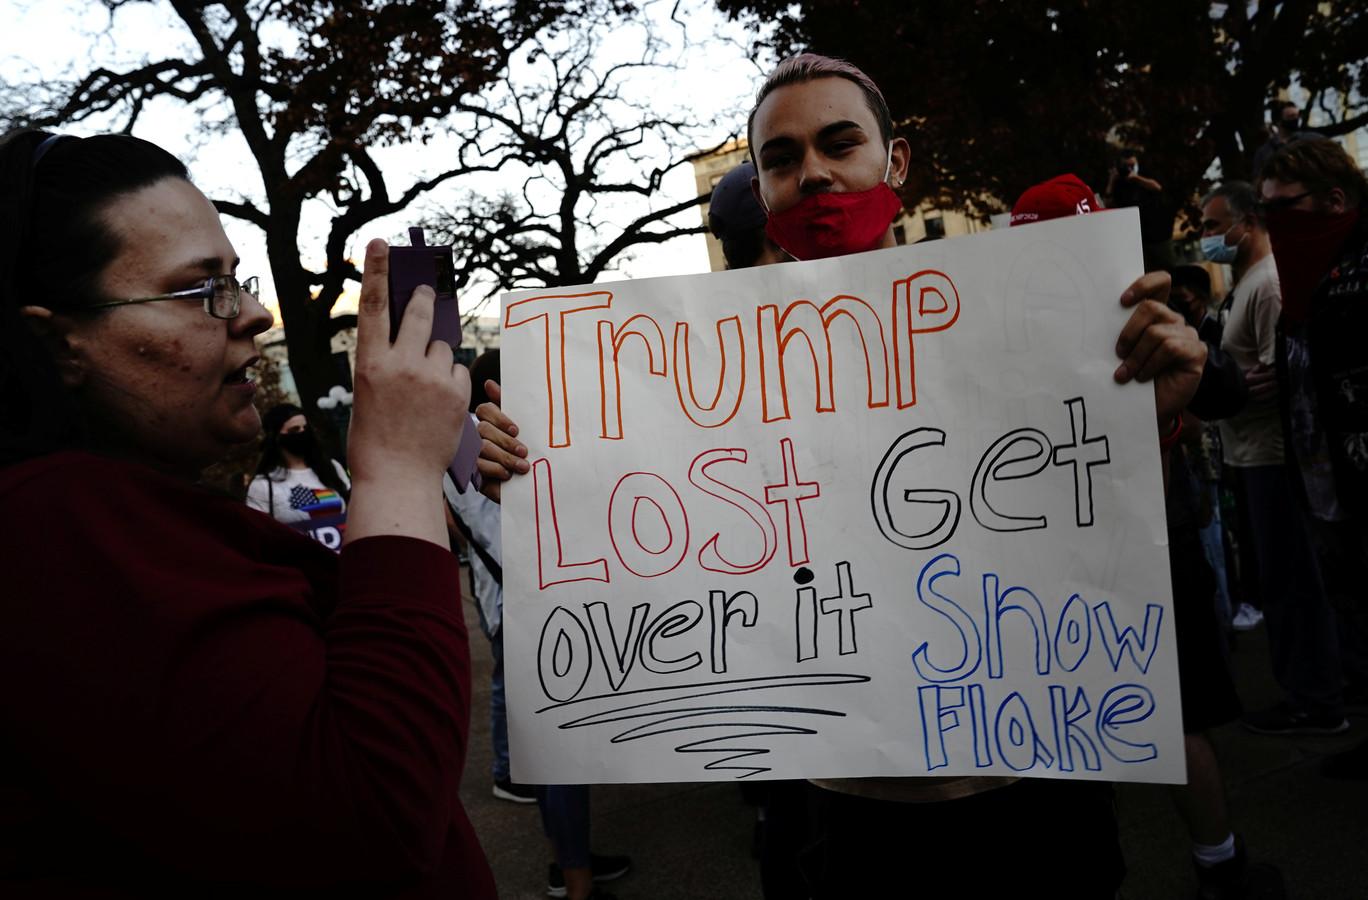 Biden-aanhangers met een bordje met de tekst 'Trump heeft verloren, zet je erover, snowflake' (een term voor iemand die snel op z'n tenen getrapt is, wordt vaak gebruikt door Republikeinen om Democraten te omschrijven). De aanhangers demonstreren aan het Wisconsin State Capitol in Madison, Wisconsin.